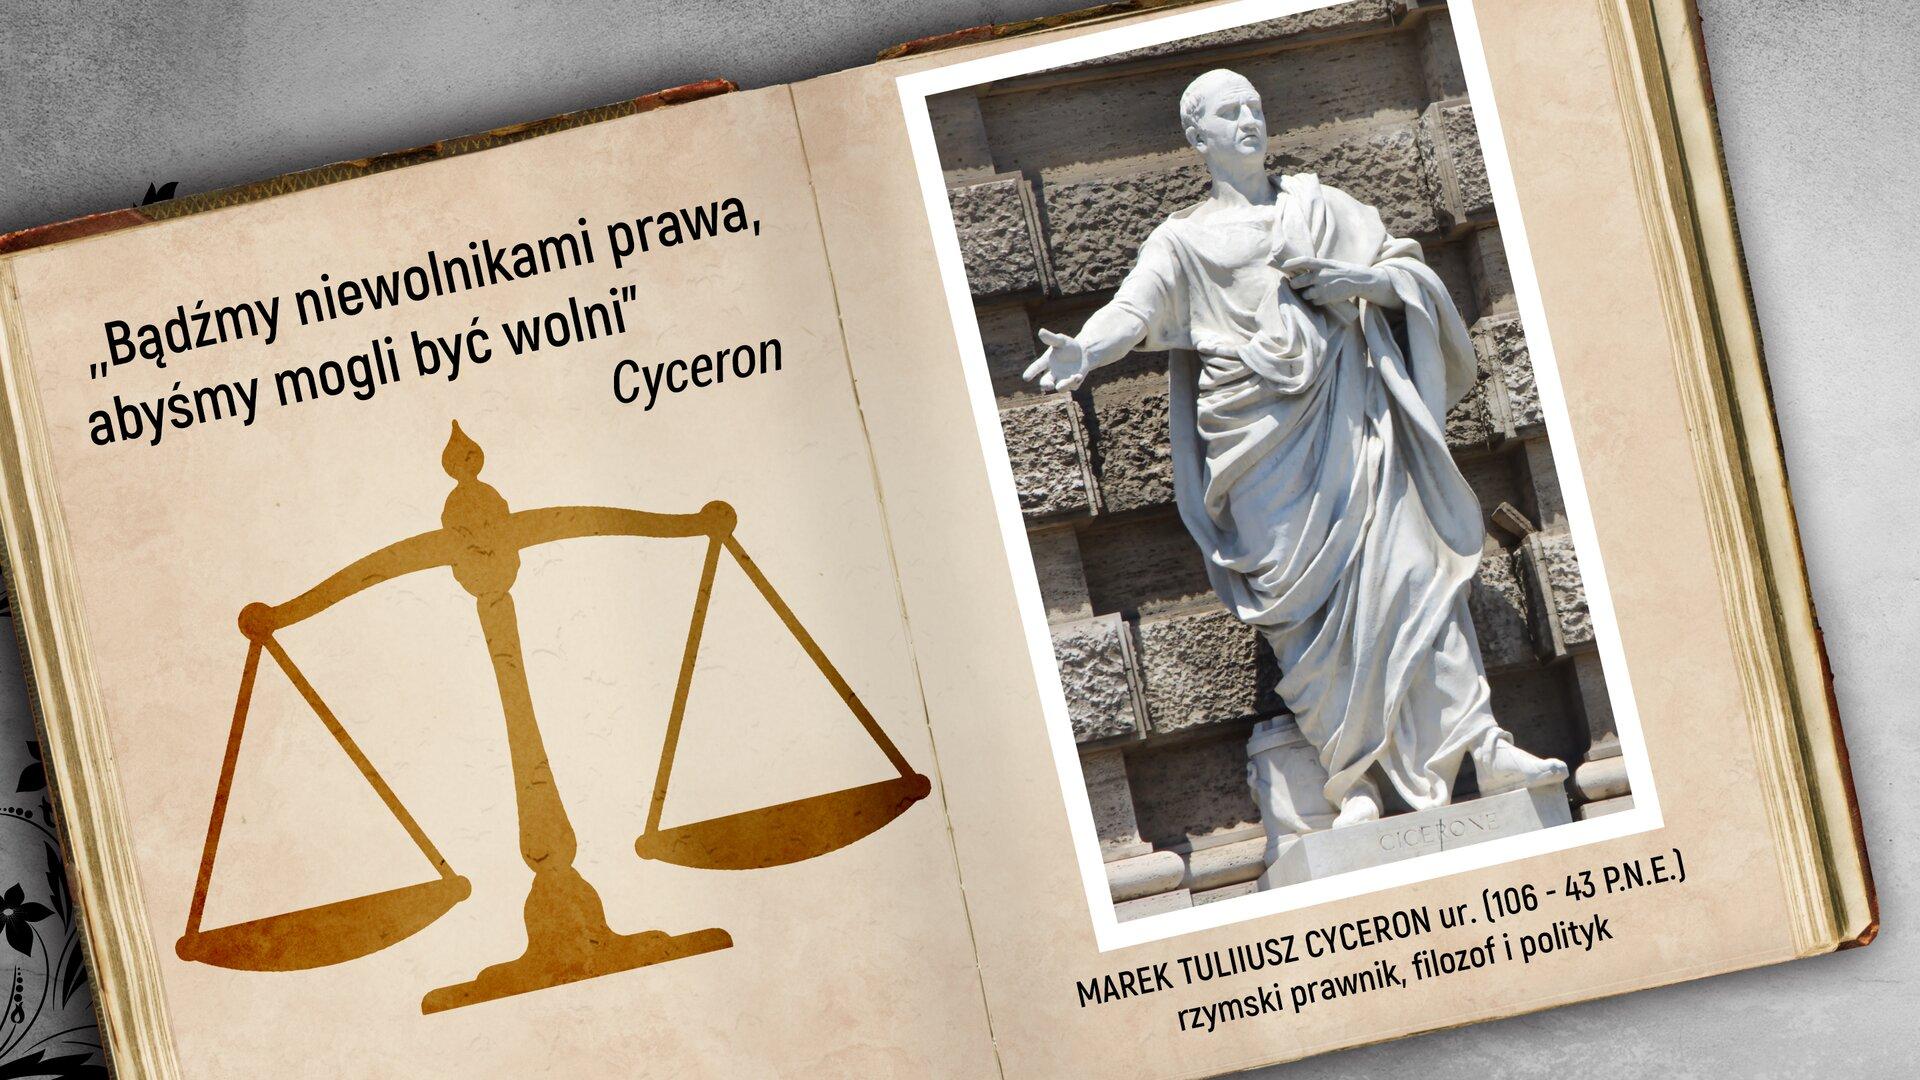 """Wprostokątnym polu przedstawiona jest ilustracja. Przedstawia dwie kartki zotwartej książki. Na pierwszej stronie widnieje napis: """"Bądźmy niewolnikami prawa, abyśmy mogli być wolni"""" Cyceron. Pod napisem narysowana jest waga szalkowa. Na drugiej kartce przedstawiona jest rzeźba Marka Tuliusza Cycerona na postumencie. Cyceron stoi prosto zwyciągniętą prawą ręką do przodu. Pod zdjęciem widnieje napis: MAREK TULIUSZ CYCERON ur. (106-43 P.N.E) rzymski prawnik, filozof, polityk"""